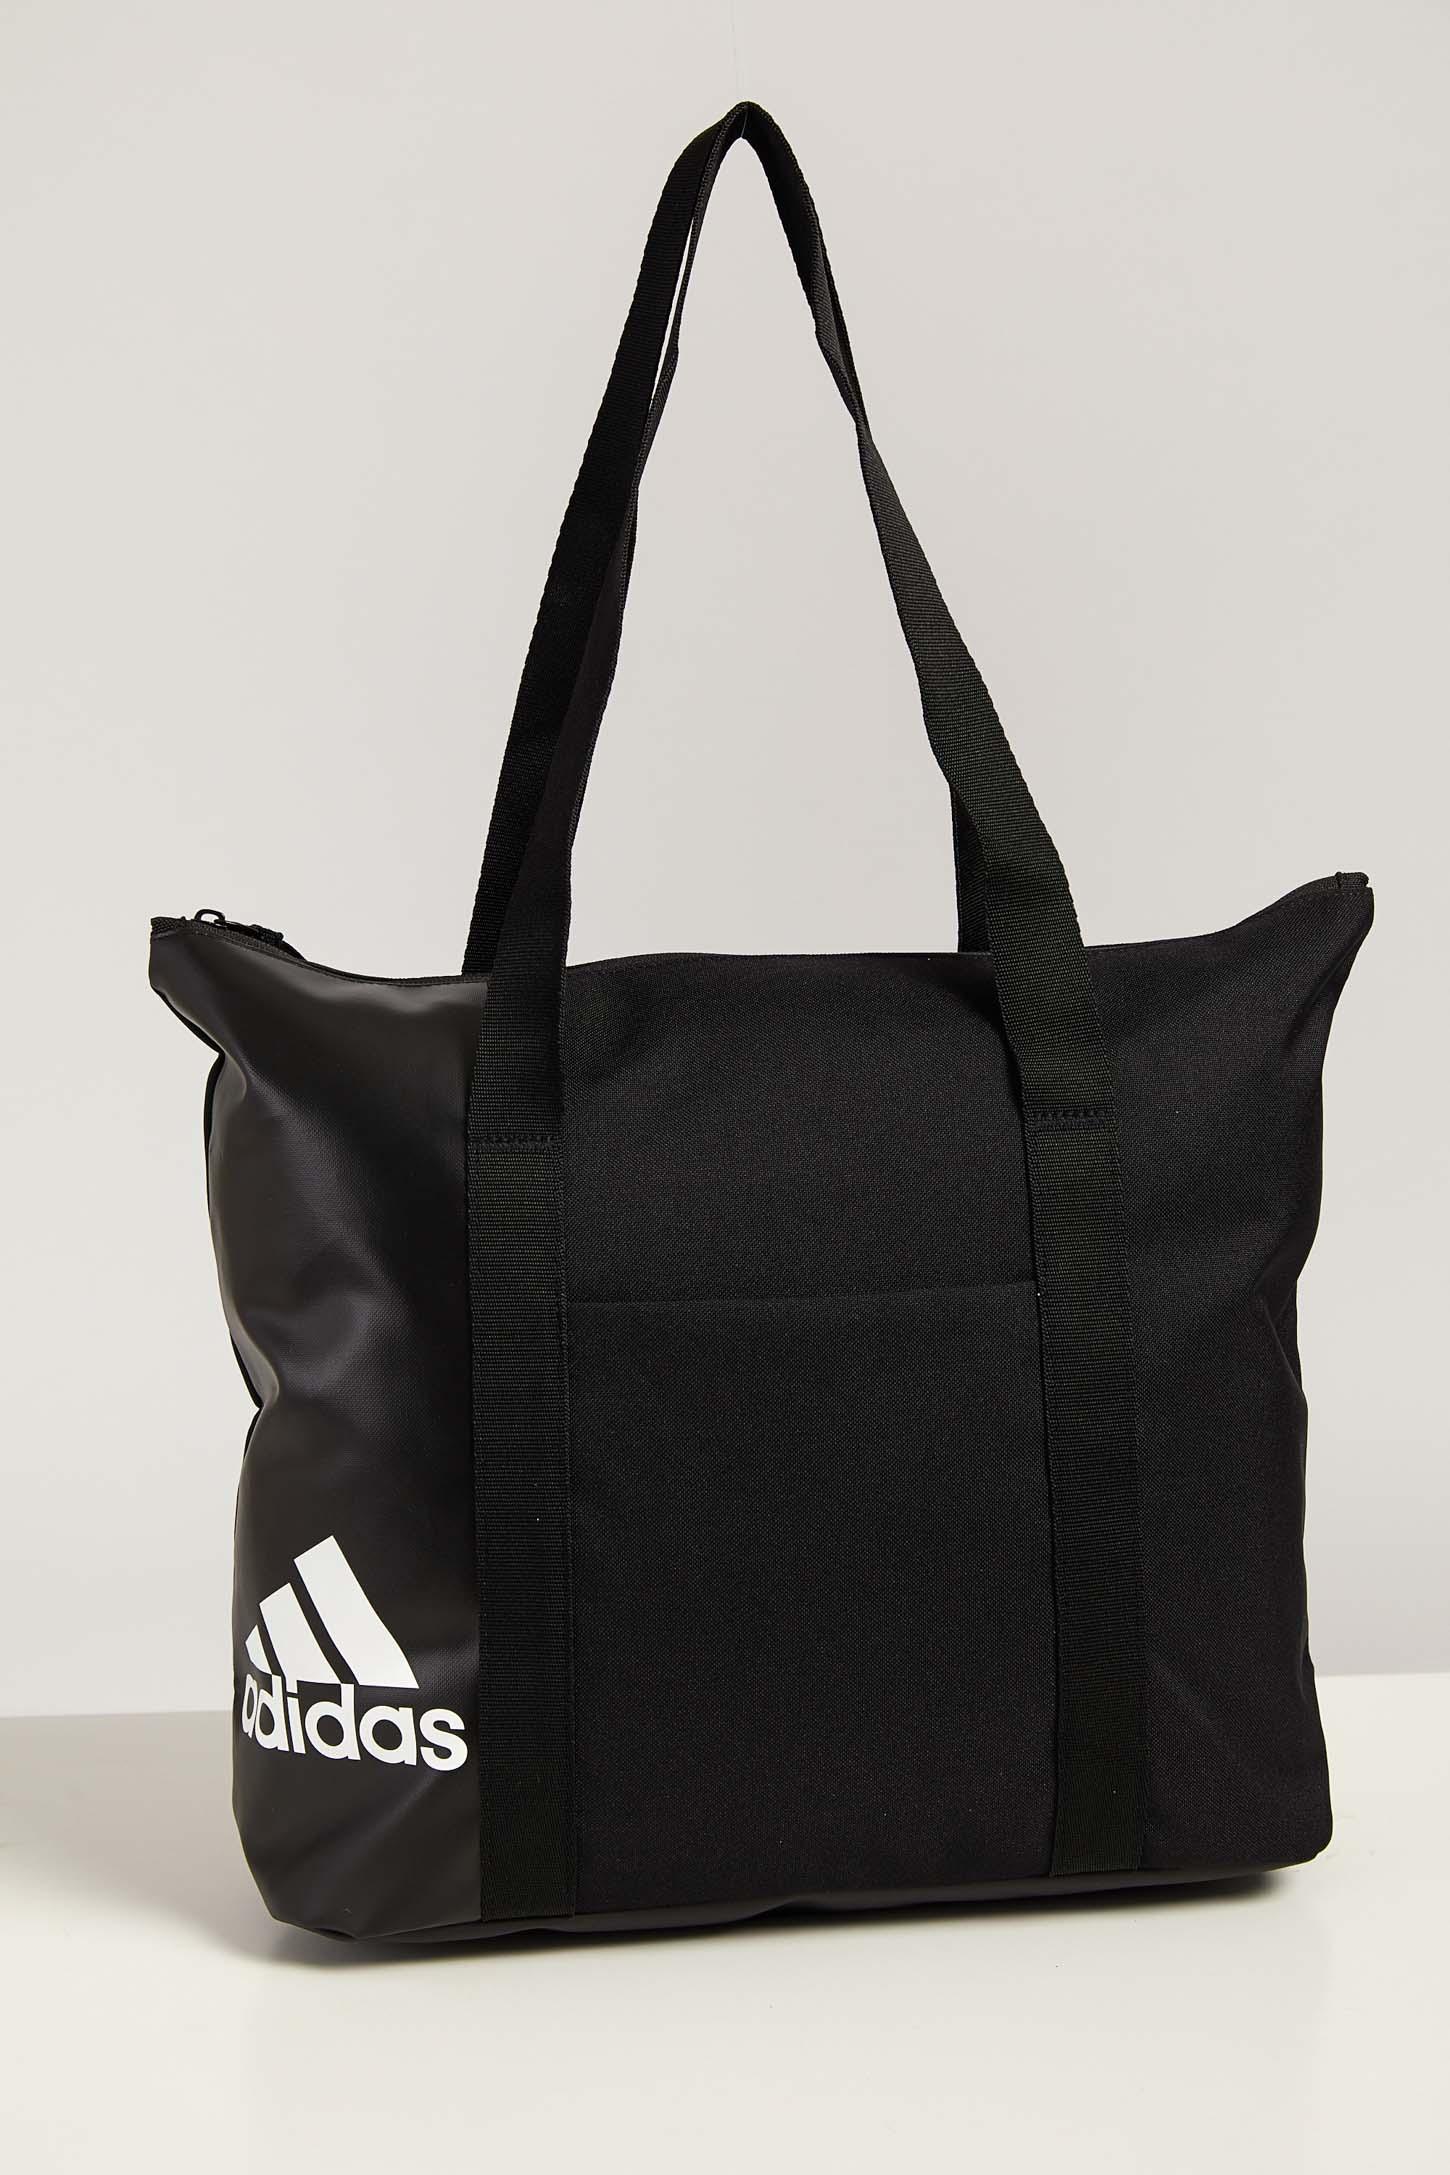 Bolsa-Esportiva-Adidas-Tote-Training-Essentials-Preto